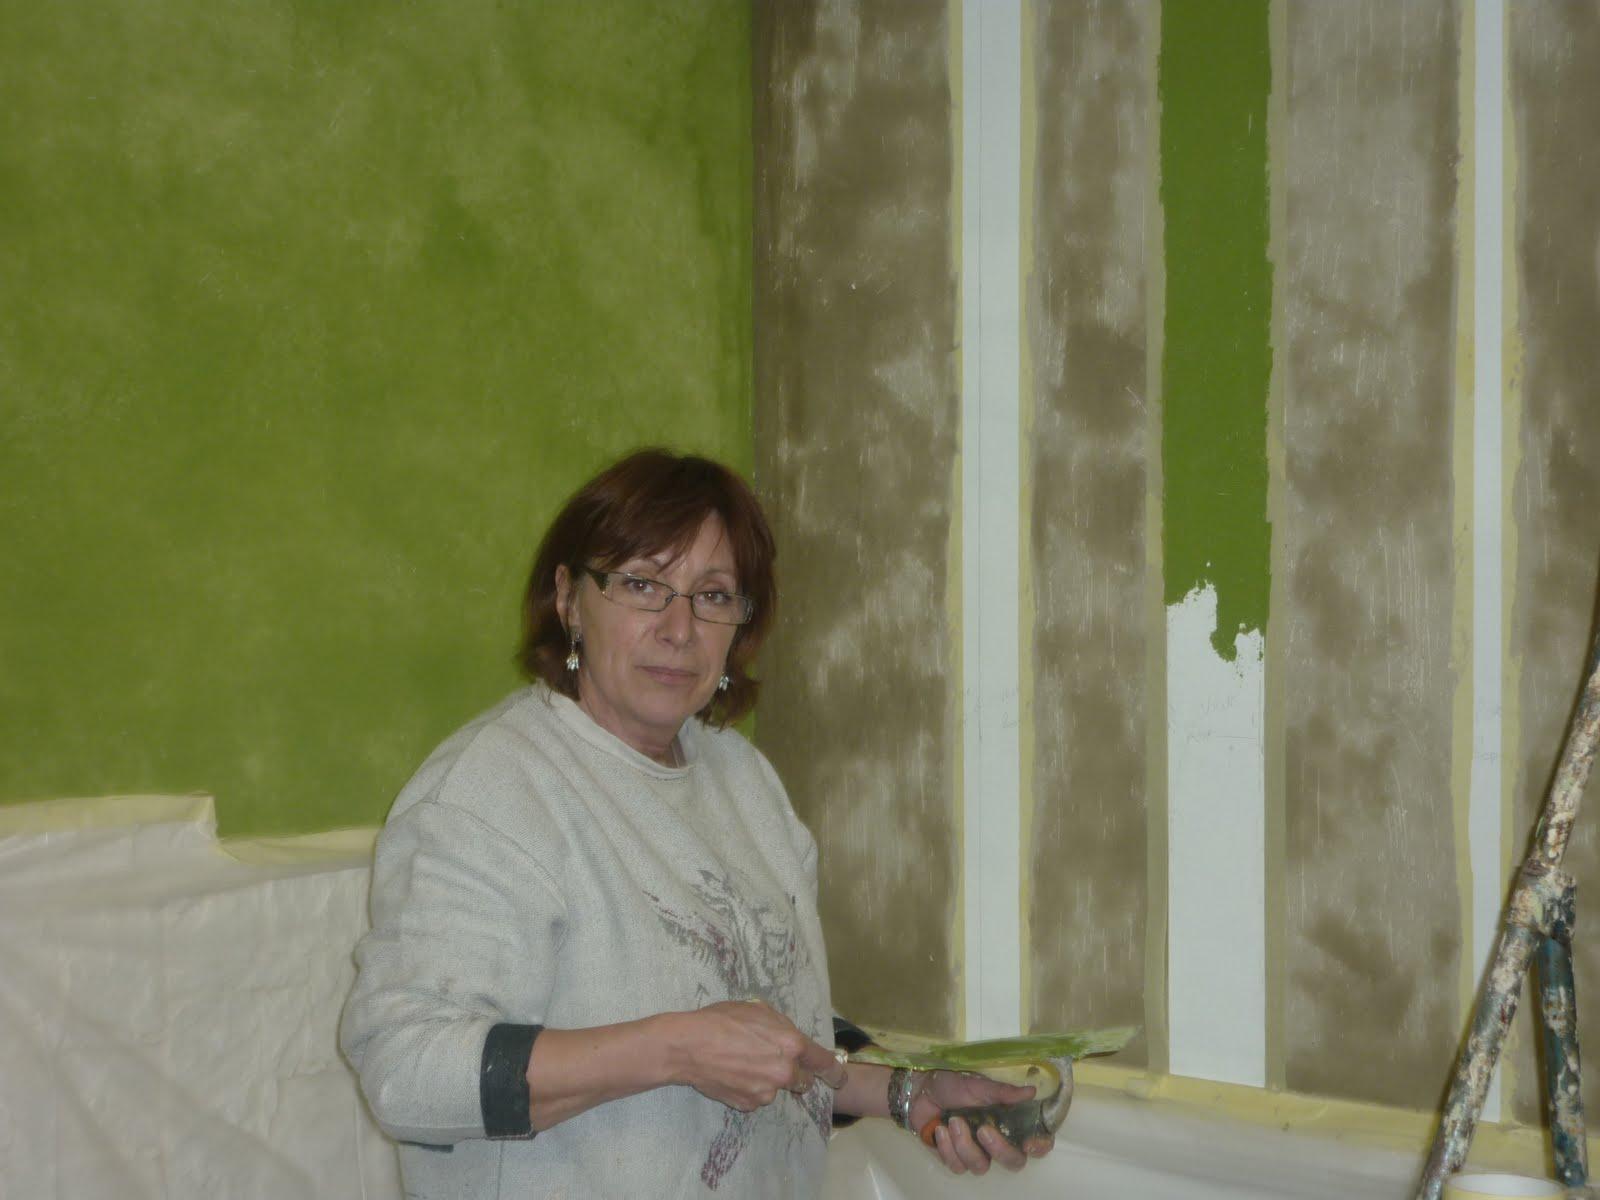 Dans l 39 art du temps d coration d 39 int rieur le savoir faire - Mur vert anis ...